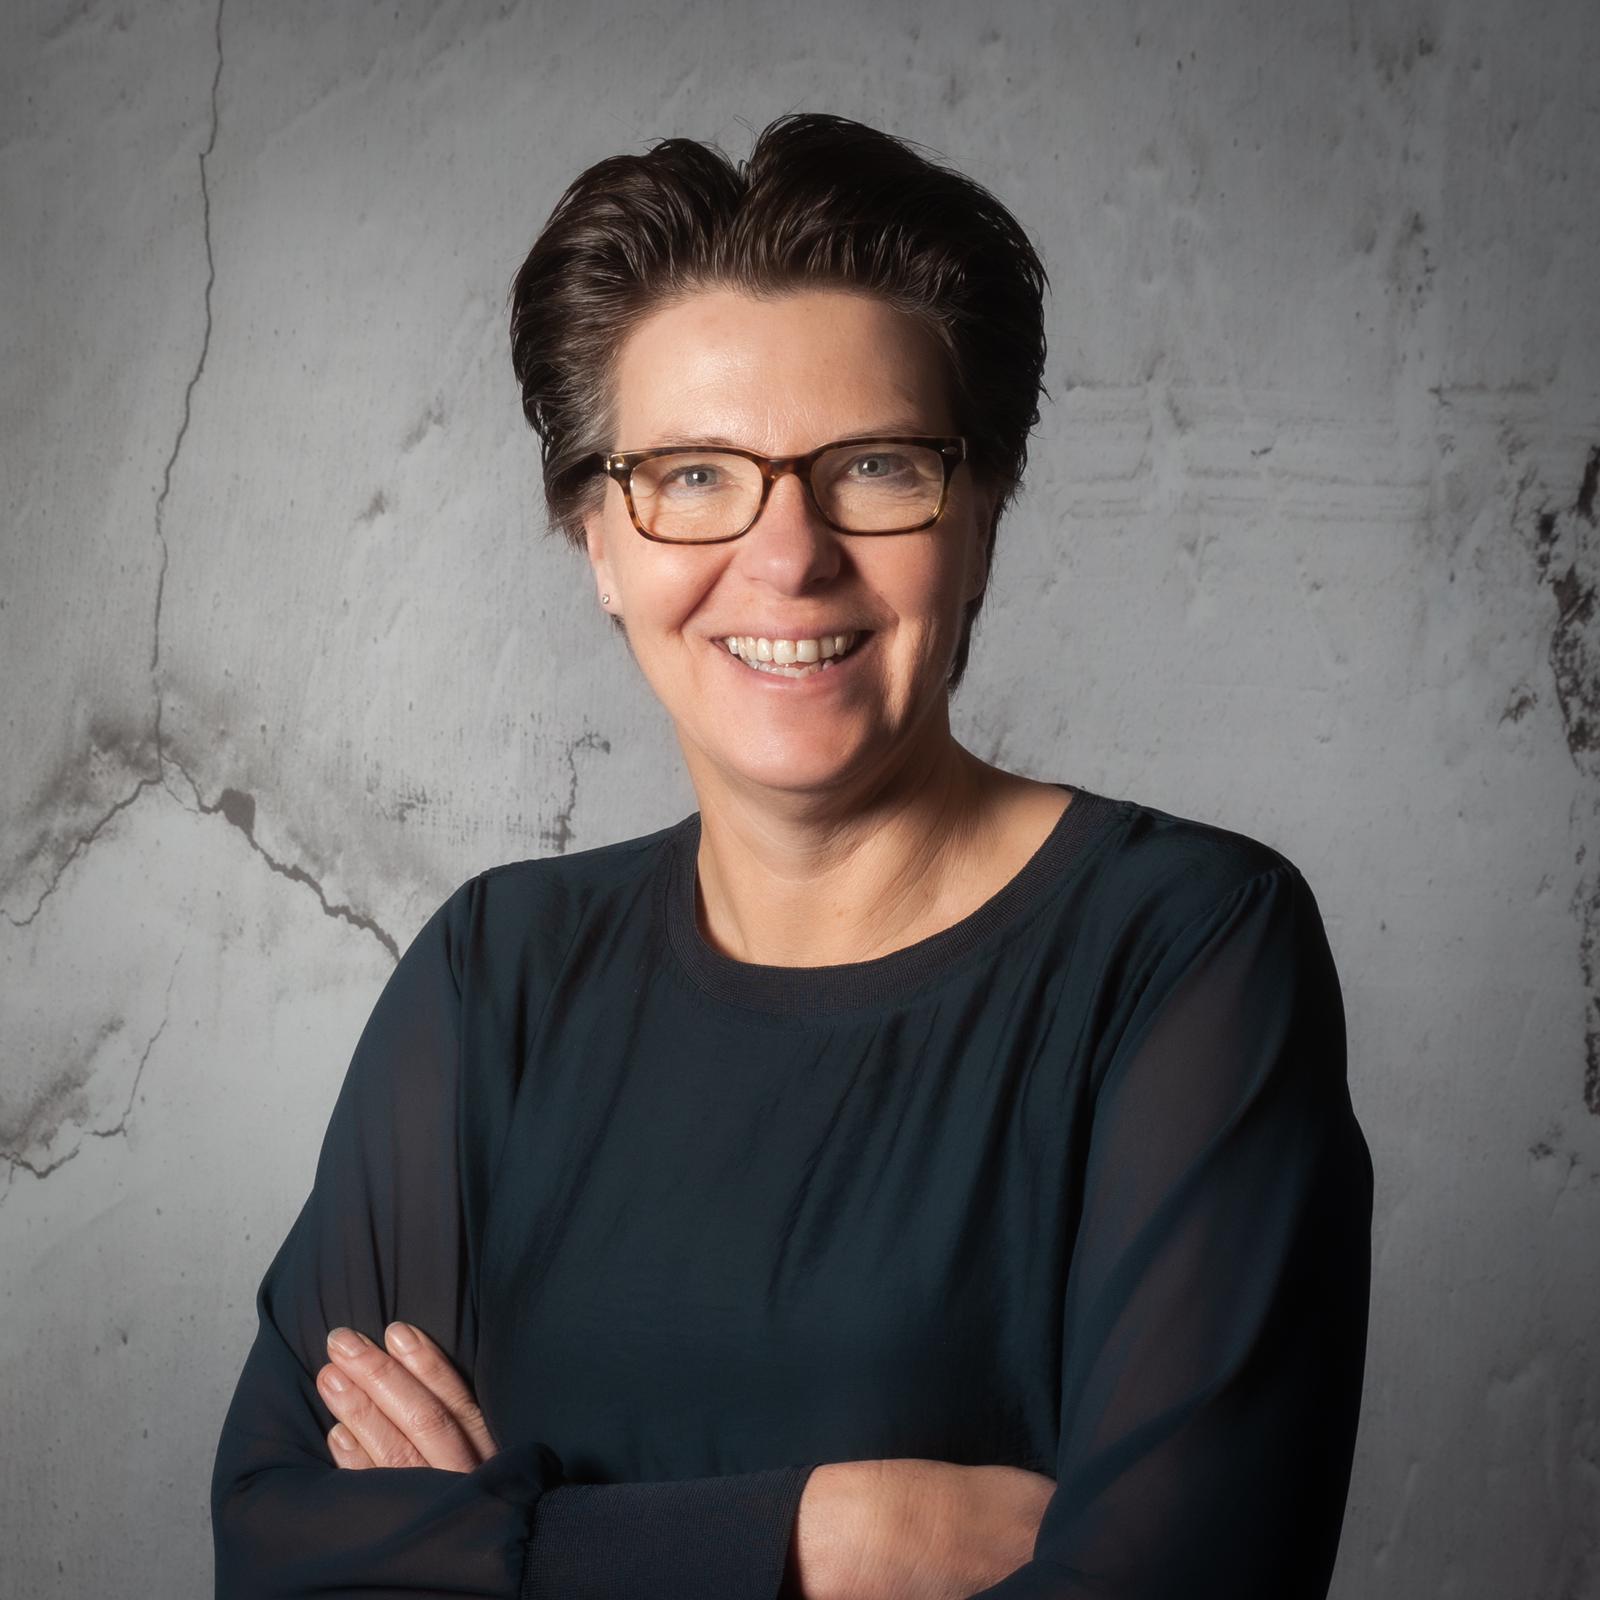 Agnes van der Wijk